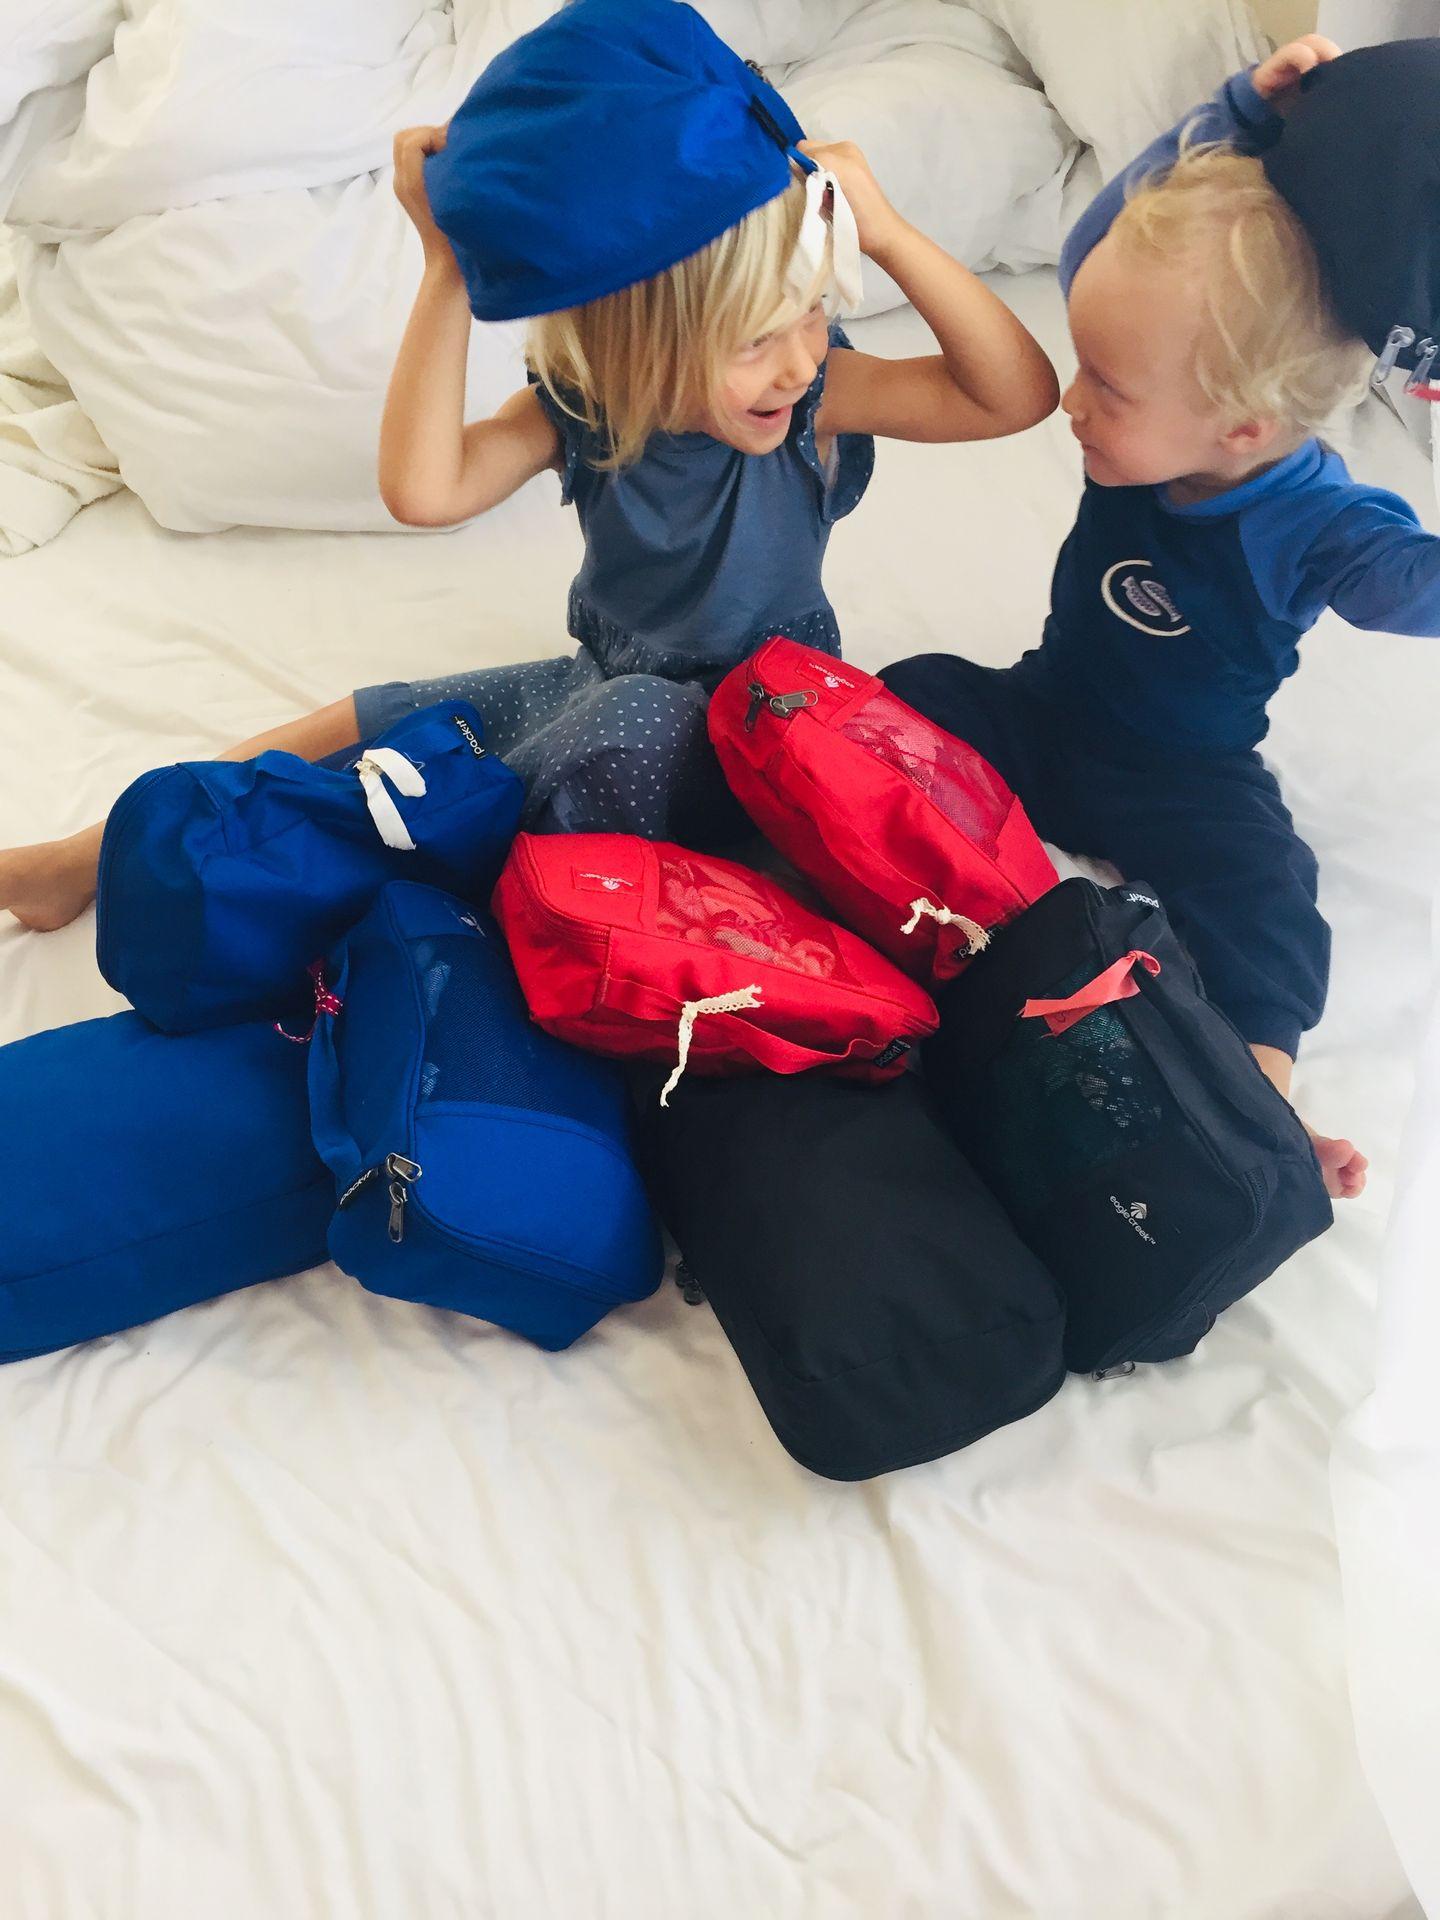 Das sind alle Kleider, die wir dabei haben. Und 2 Kinder.